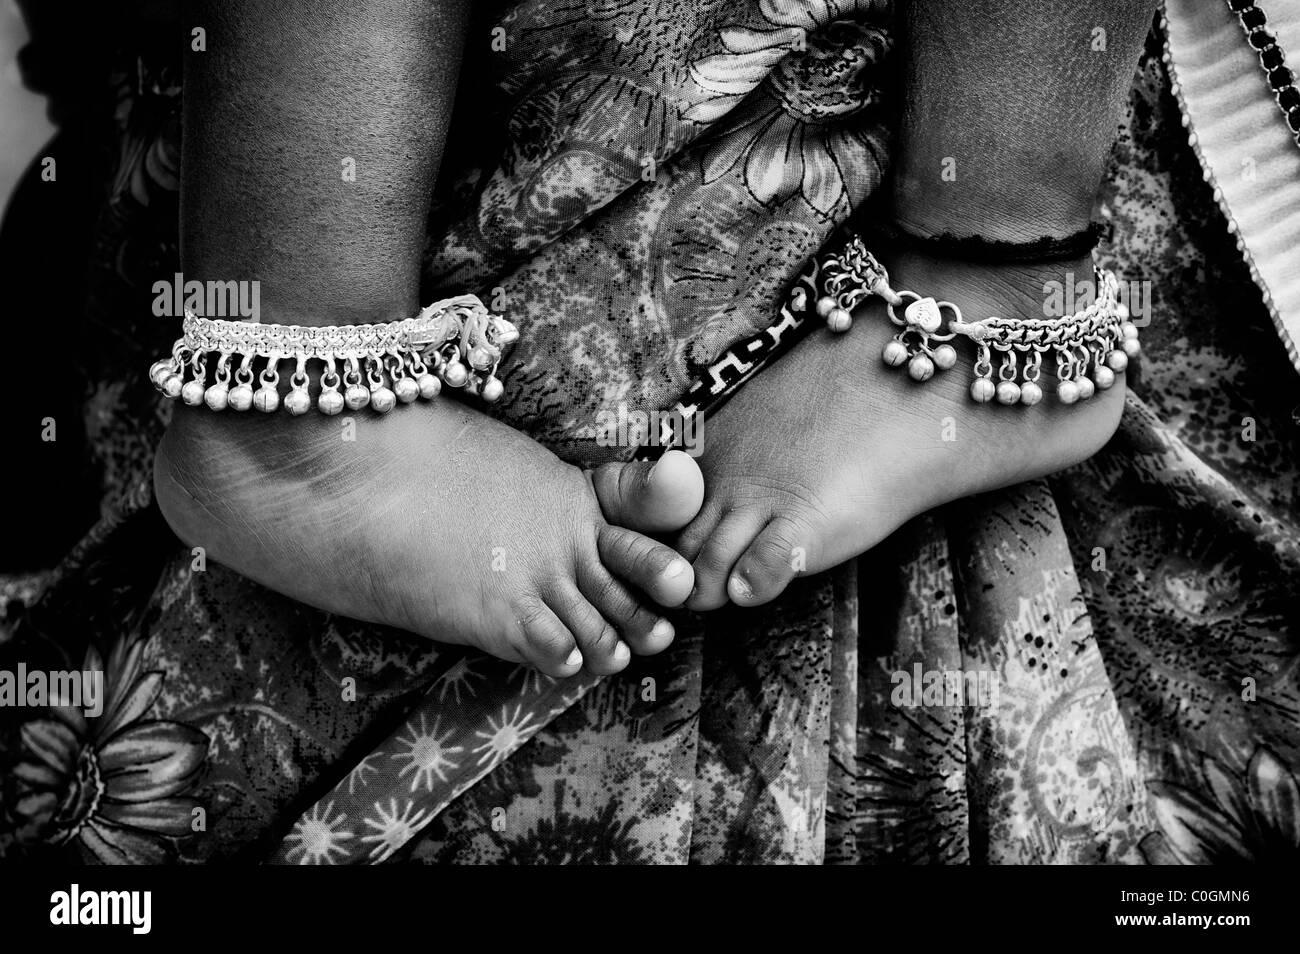 Les bébés indiens pieds nus contre les mères sari floral. Monochrome Photo Stock